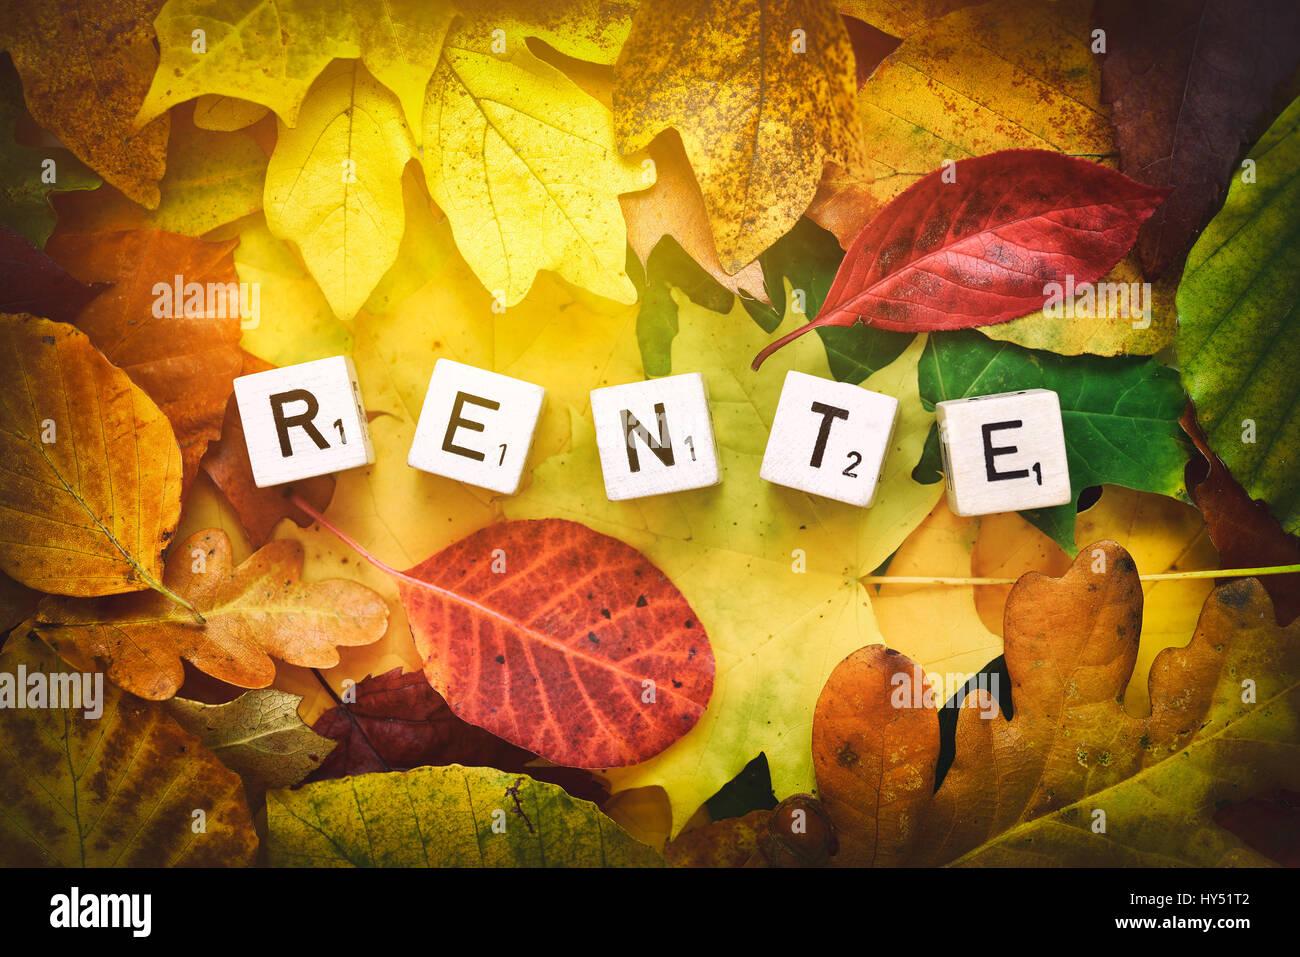 Letter cubes form the stroke pension on autumn foliage, Buchstabenwuerfel bilden den Schriftzug Rente auf Herbstlaub Stock Photo